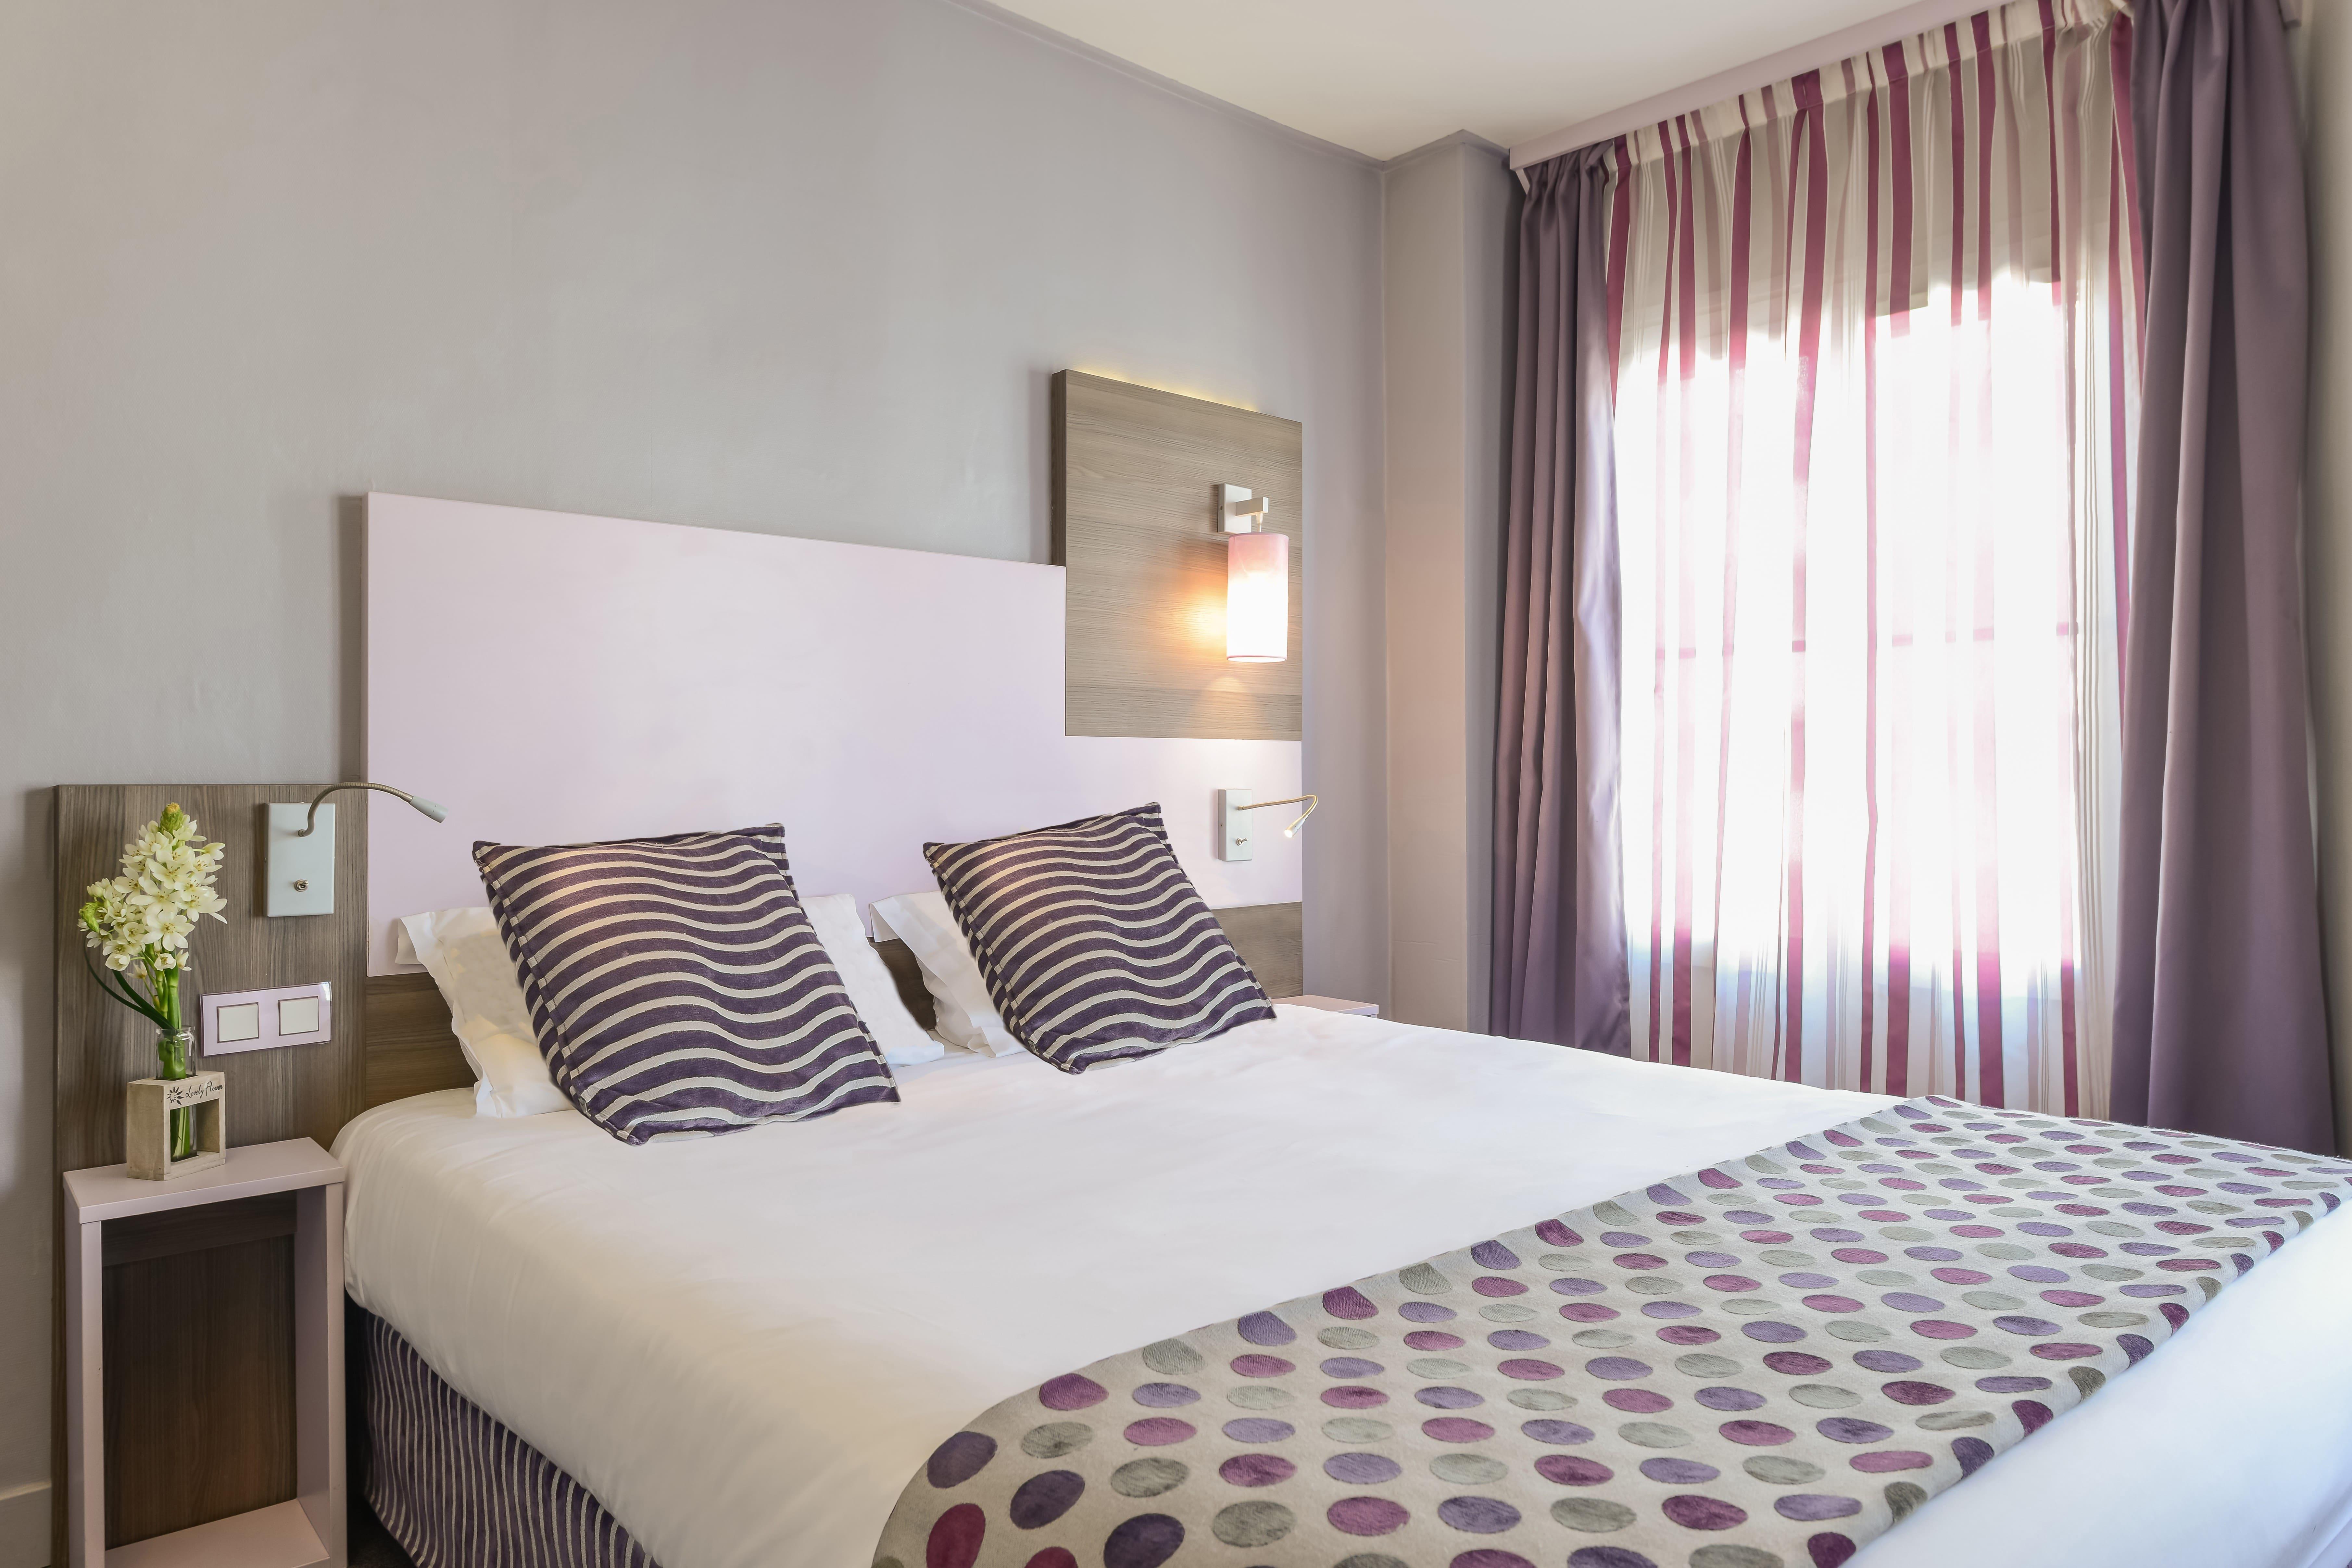 hotel-nation-paris-11-chambre-1-lit-queen-7